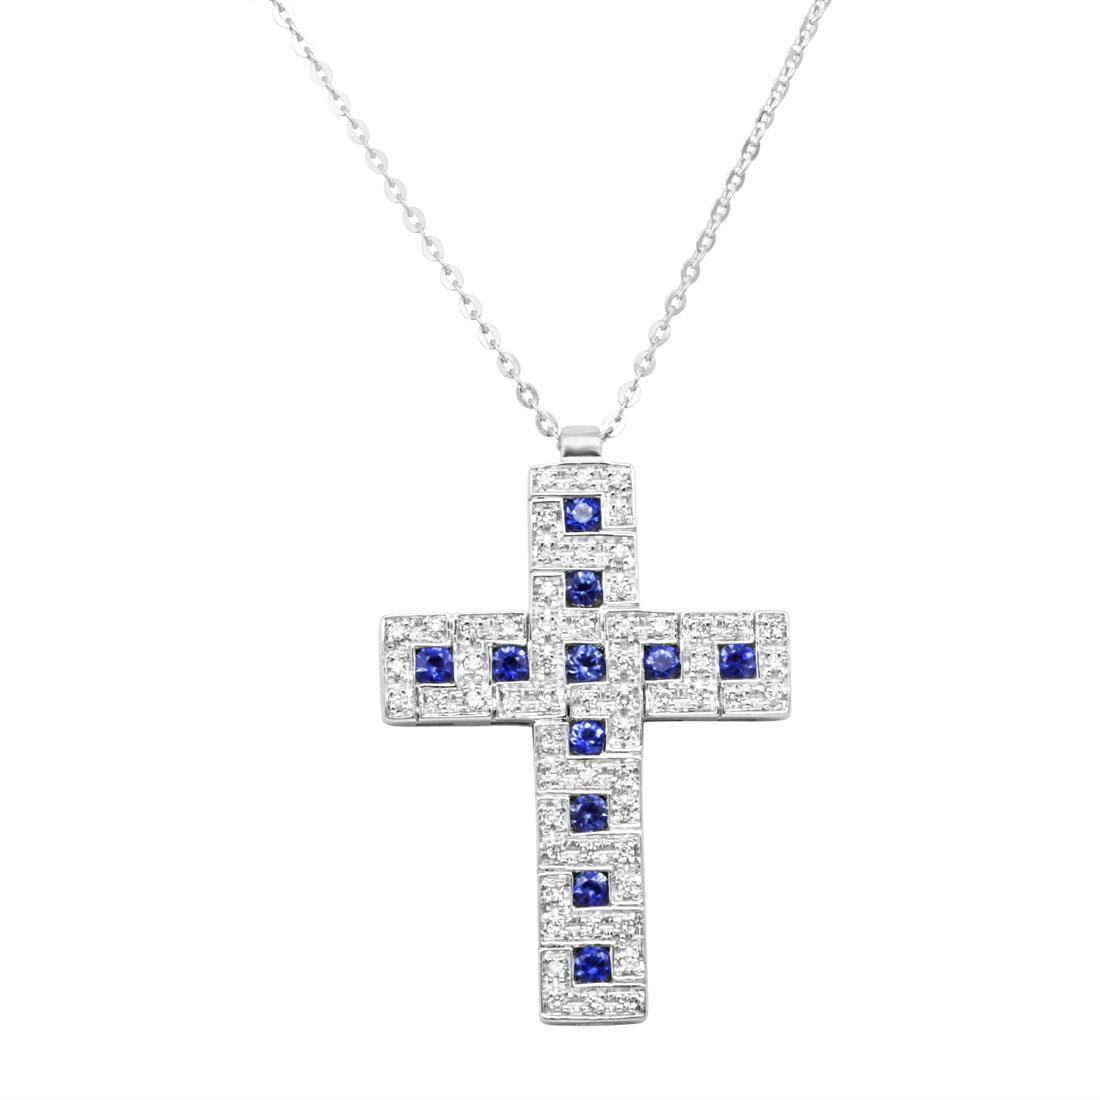 Collana  croce con diamanti ct 0.23 e zaffiri ct 0.44 - SALVINI